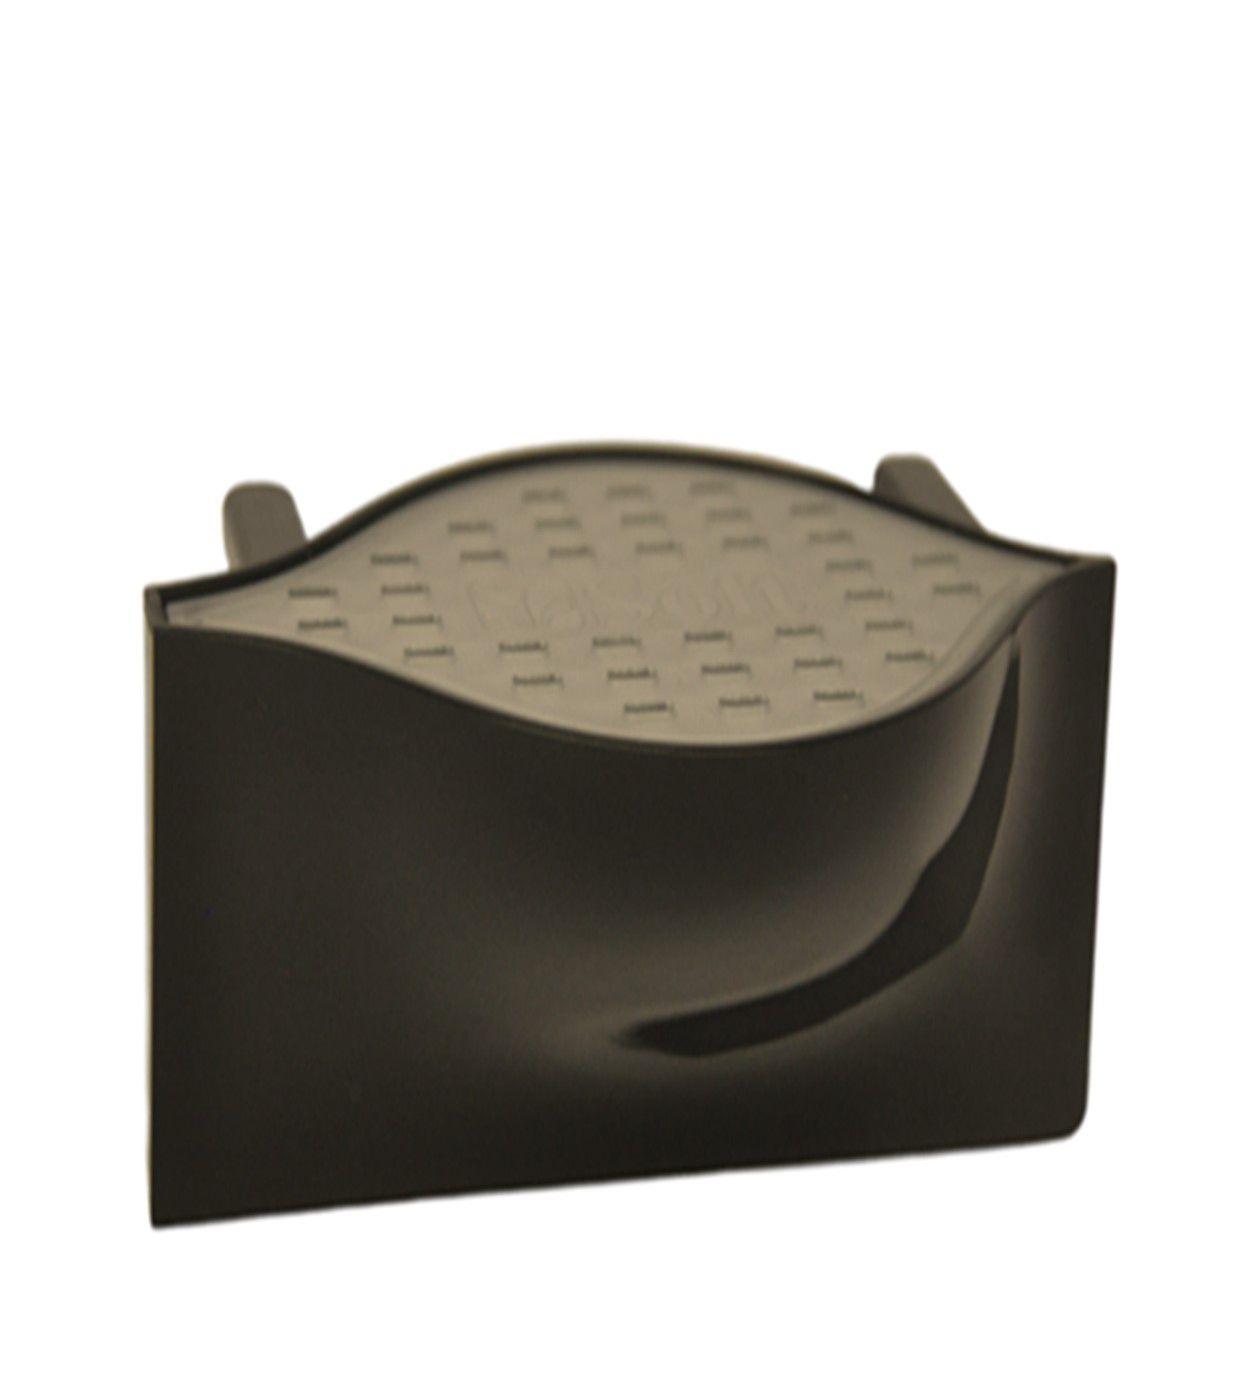 Pingadeira Soft Modelo Novo Fit - Preto